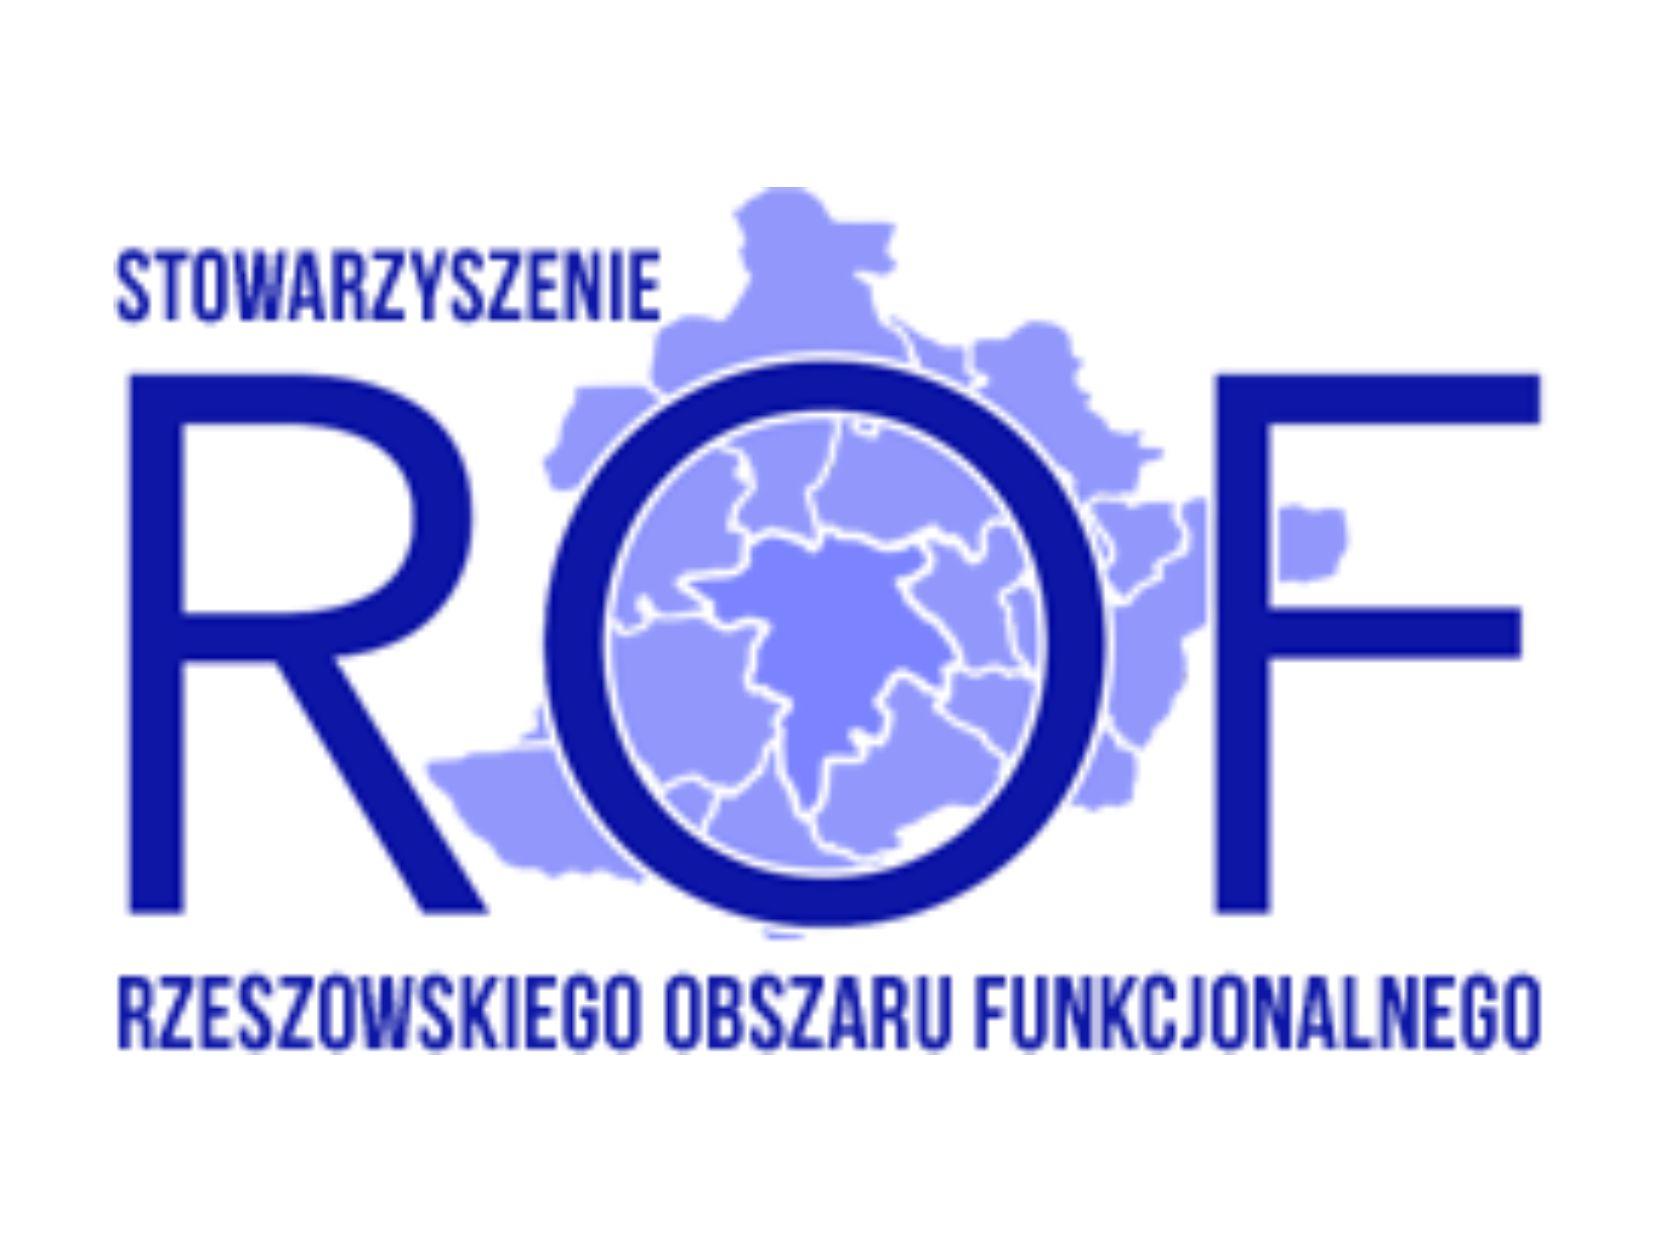 Stowarzyszenie Rzeszowskiego Obszaru Funkcjonalnego